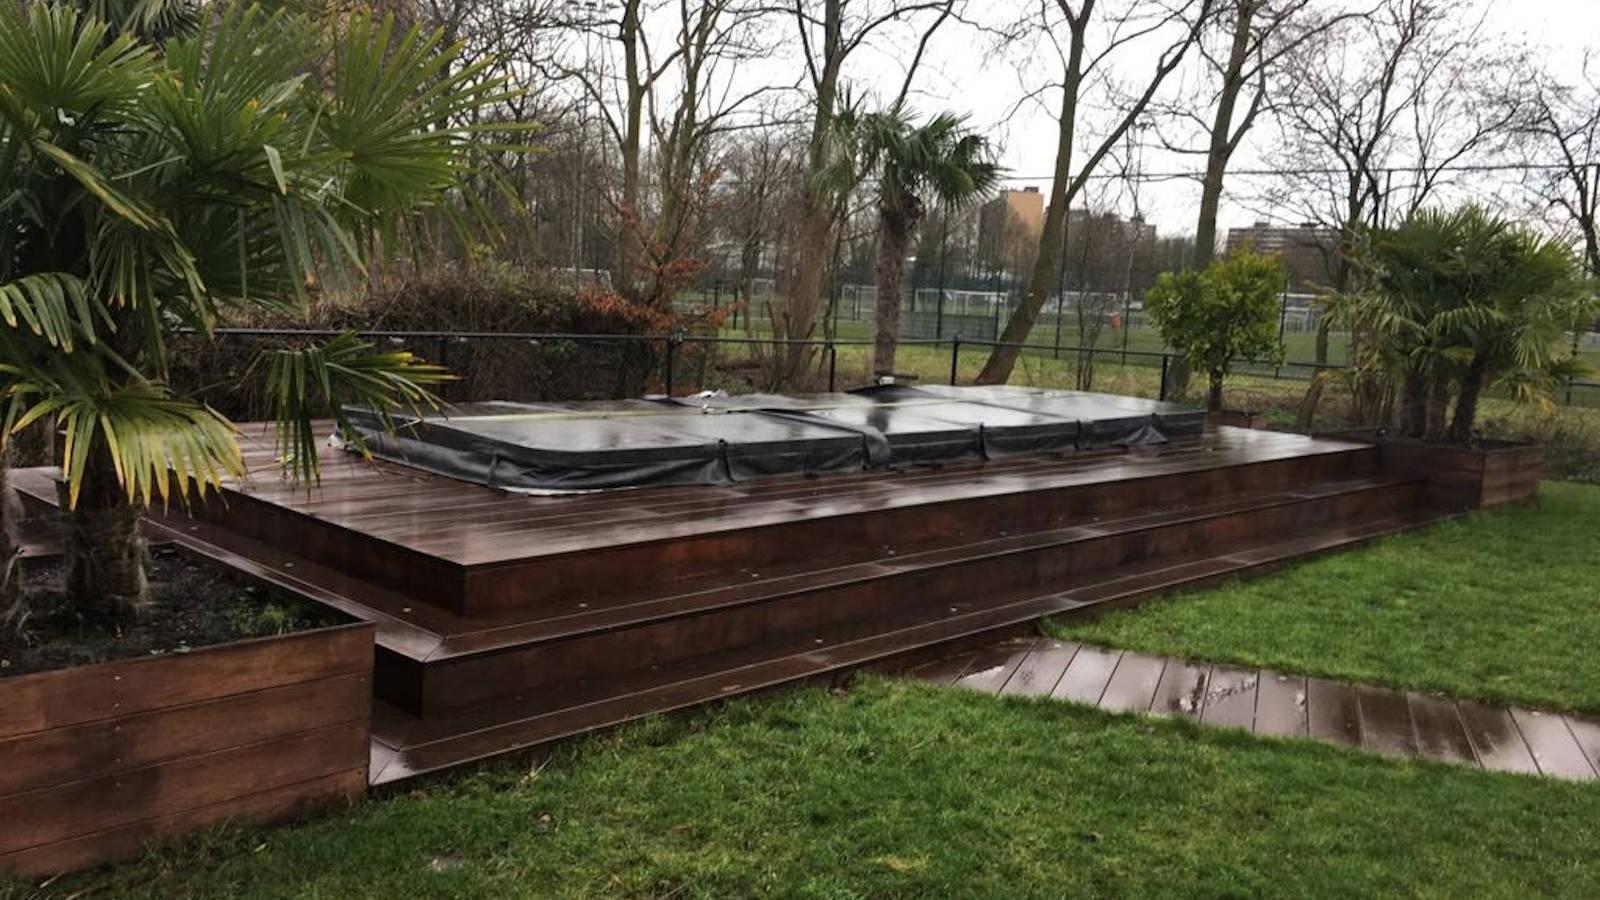 Ozonator vervangen van een Passion zwemspa in Capelle aan den IJssel